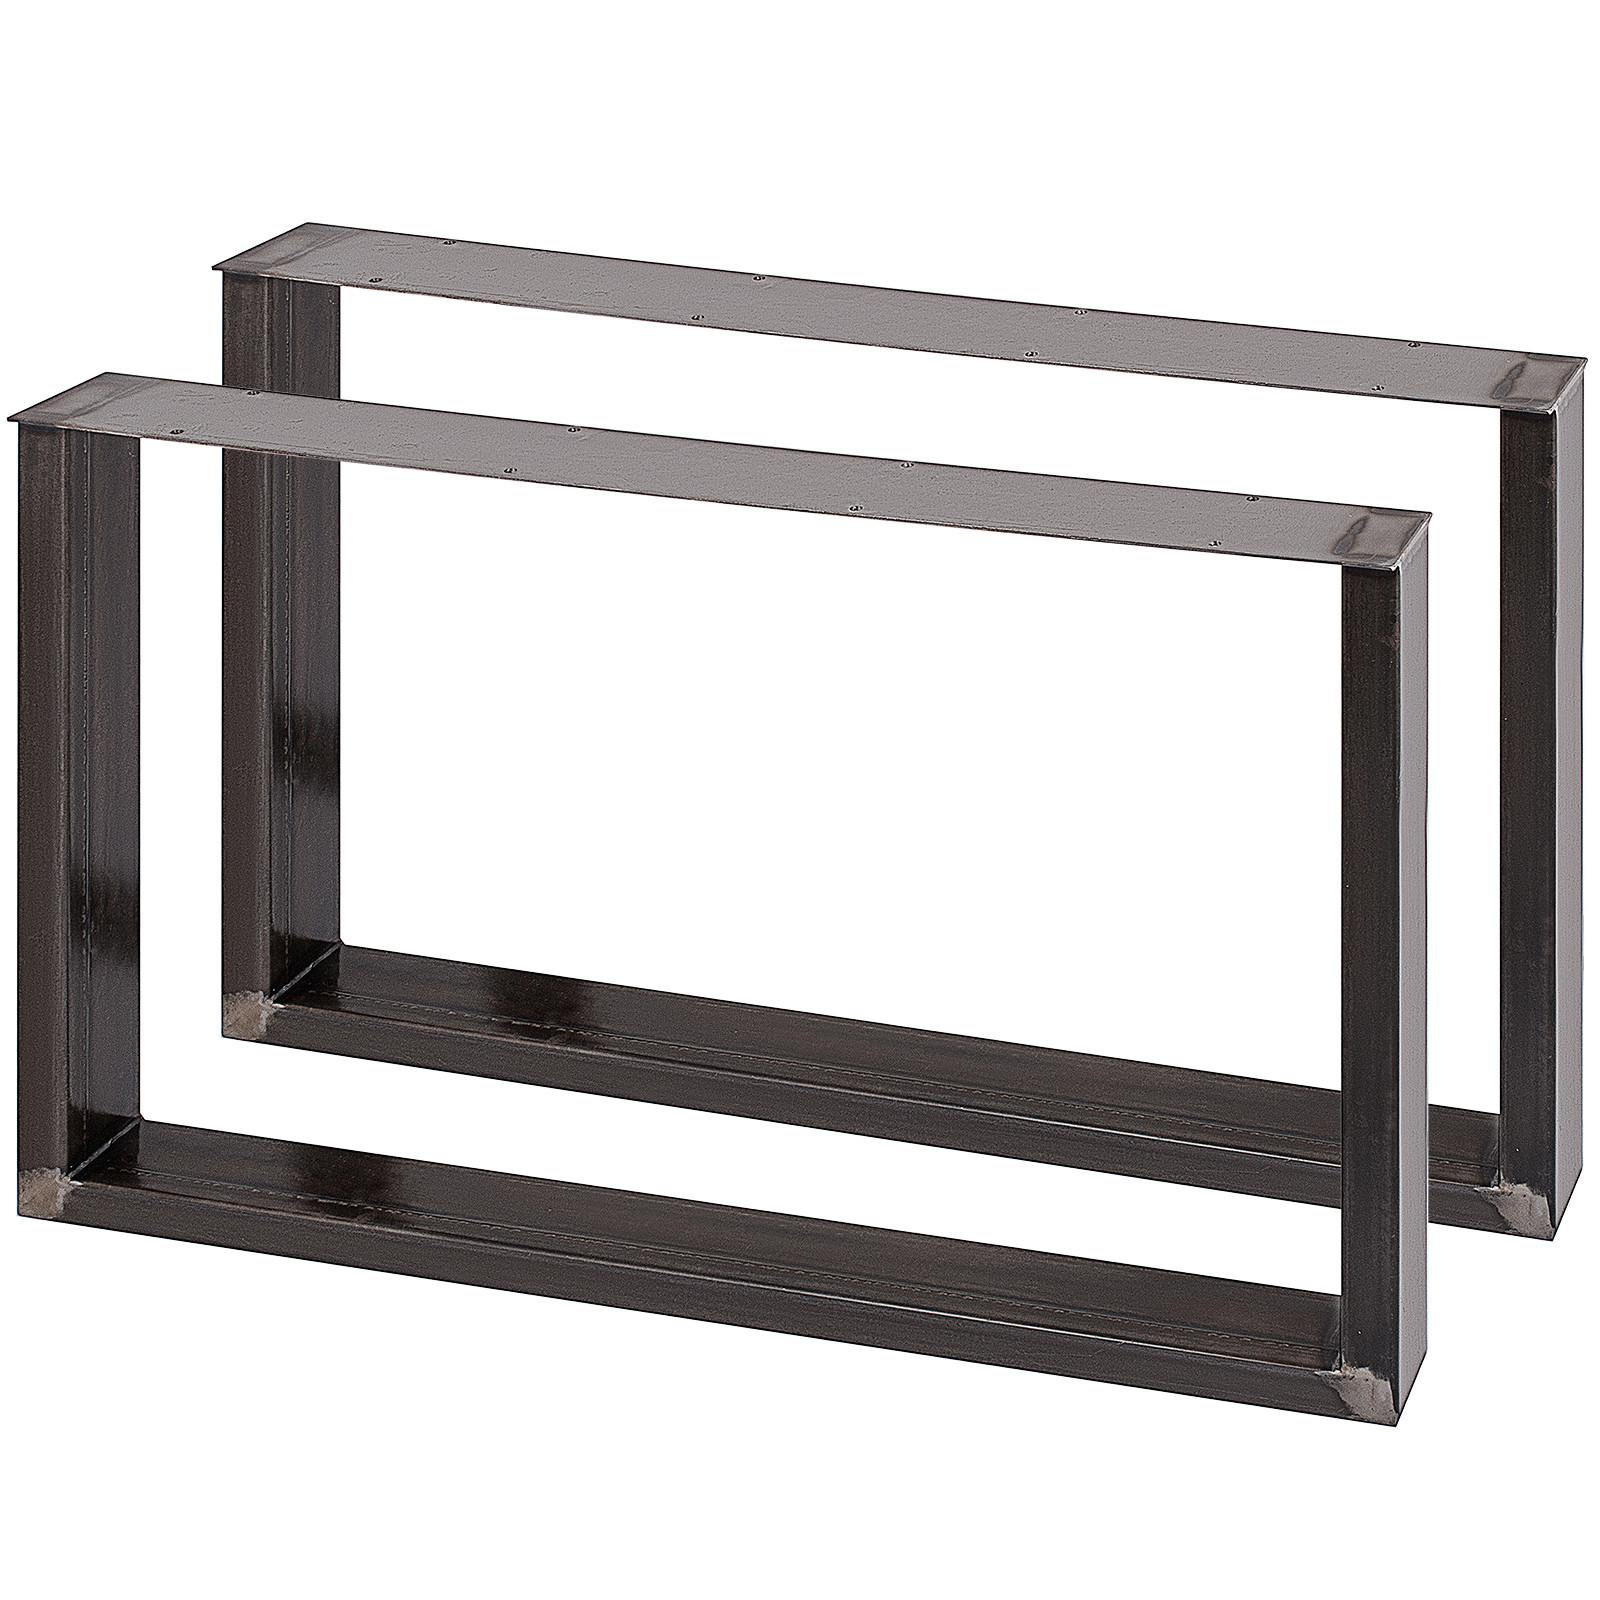 2x-Gambe-per-tavolo-piedi-tavolo-72X-100-CM-Salotto-Cucina-stile-industriale miniatura 3